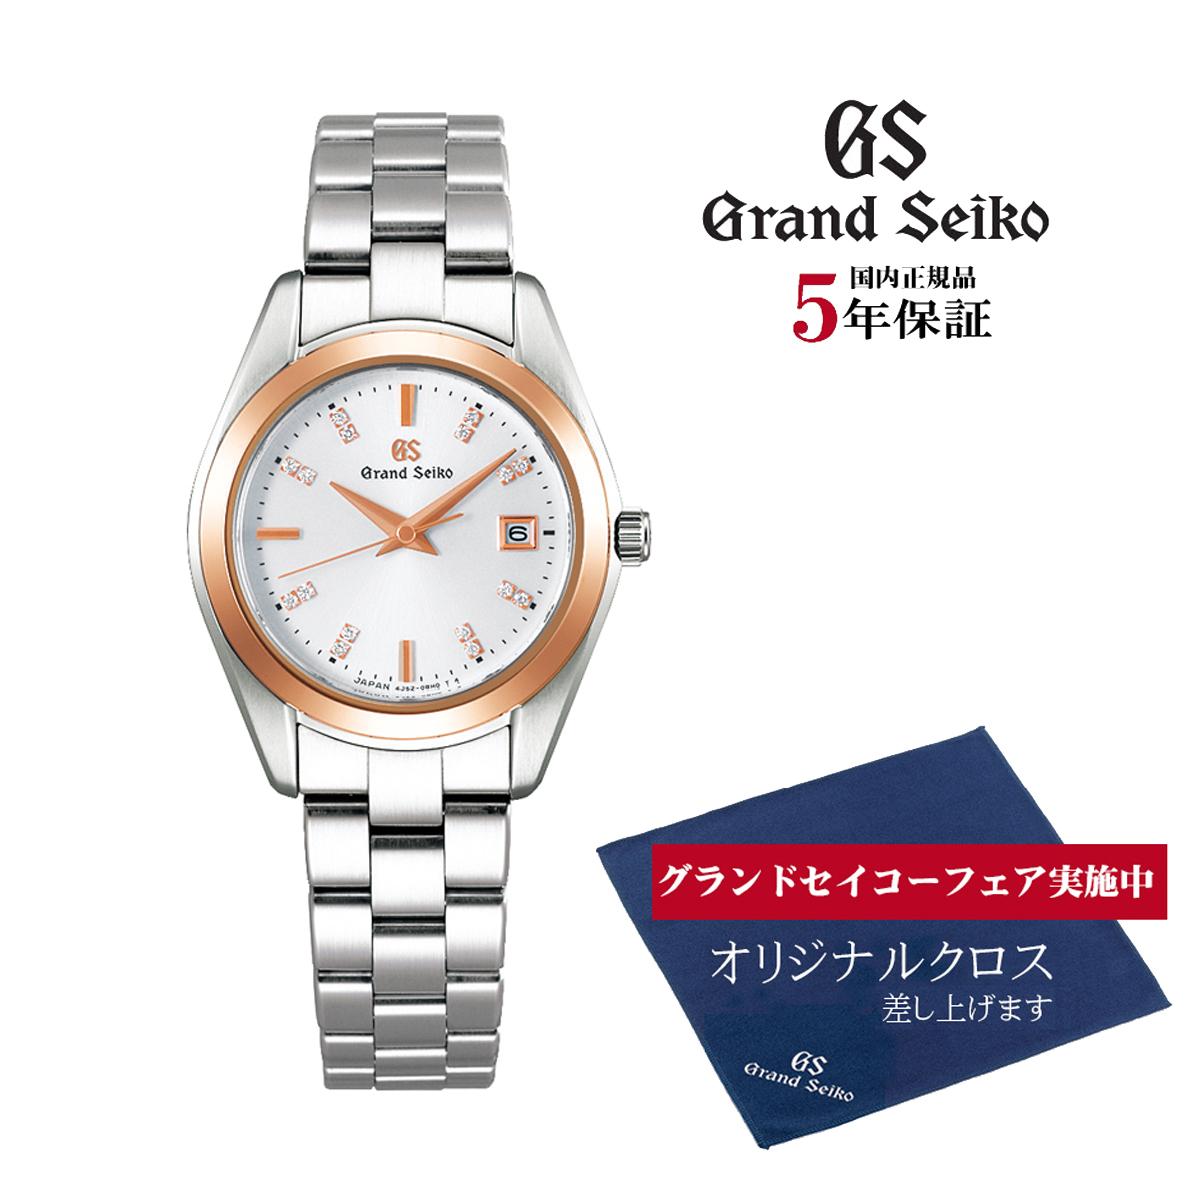 グランドセイコー Grand Seiko 正規メーカー保証3年 STGF274 4Jクォーツ 正規品 腕時計